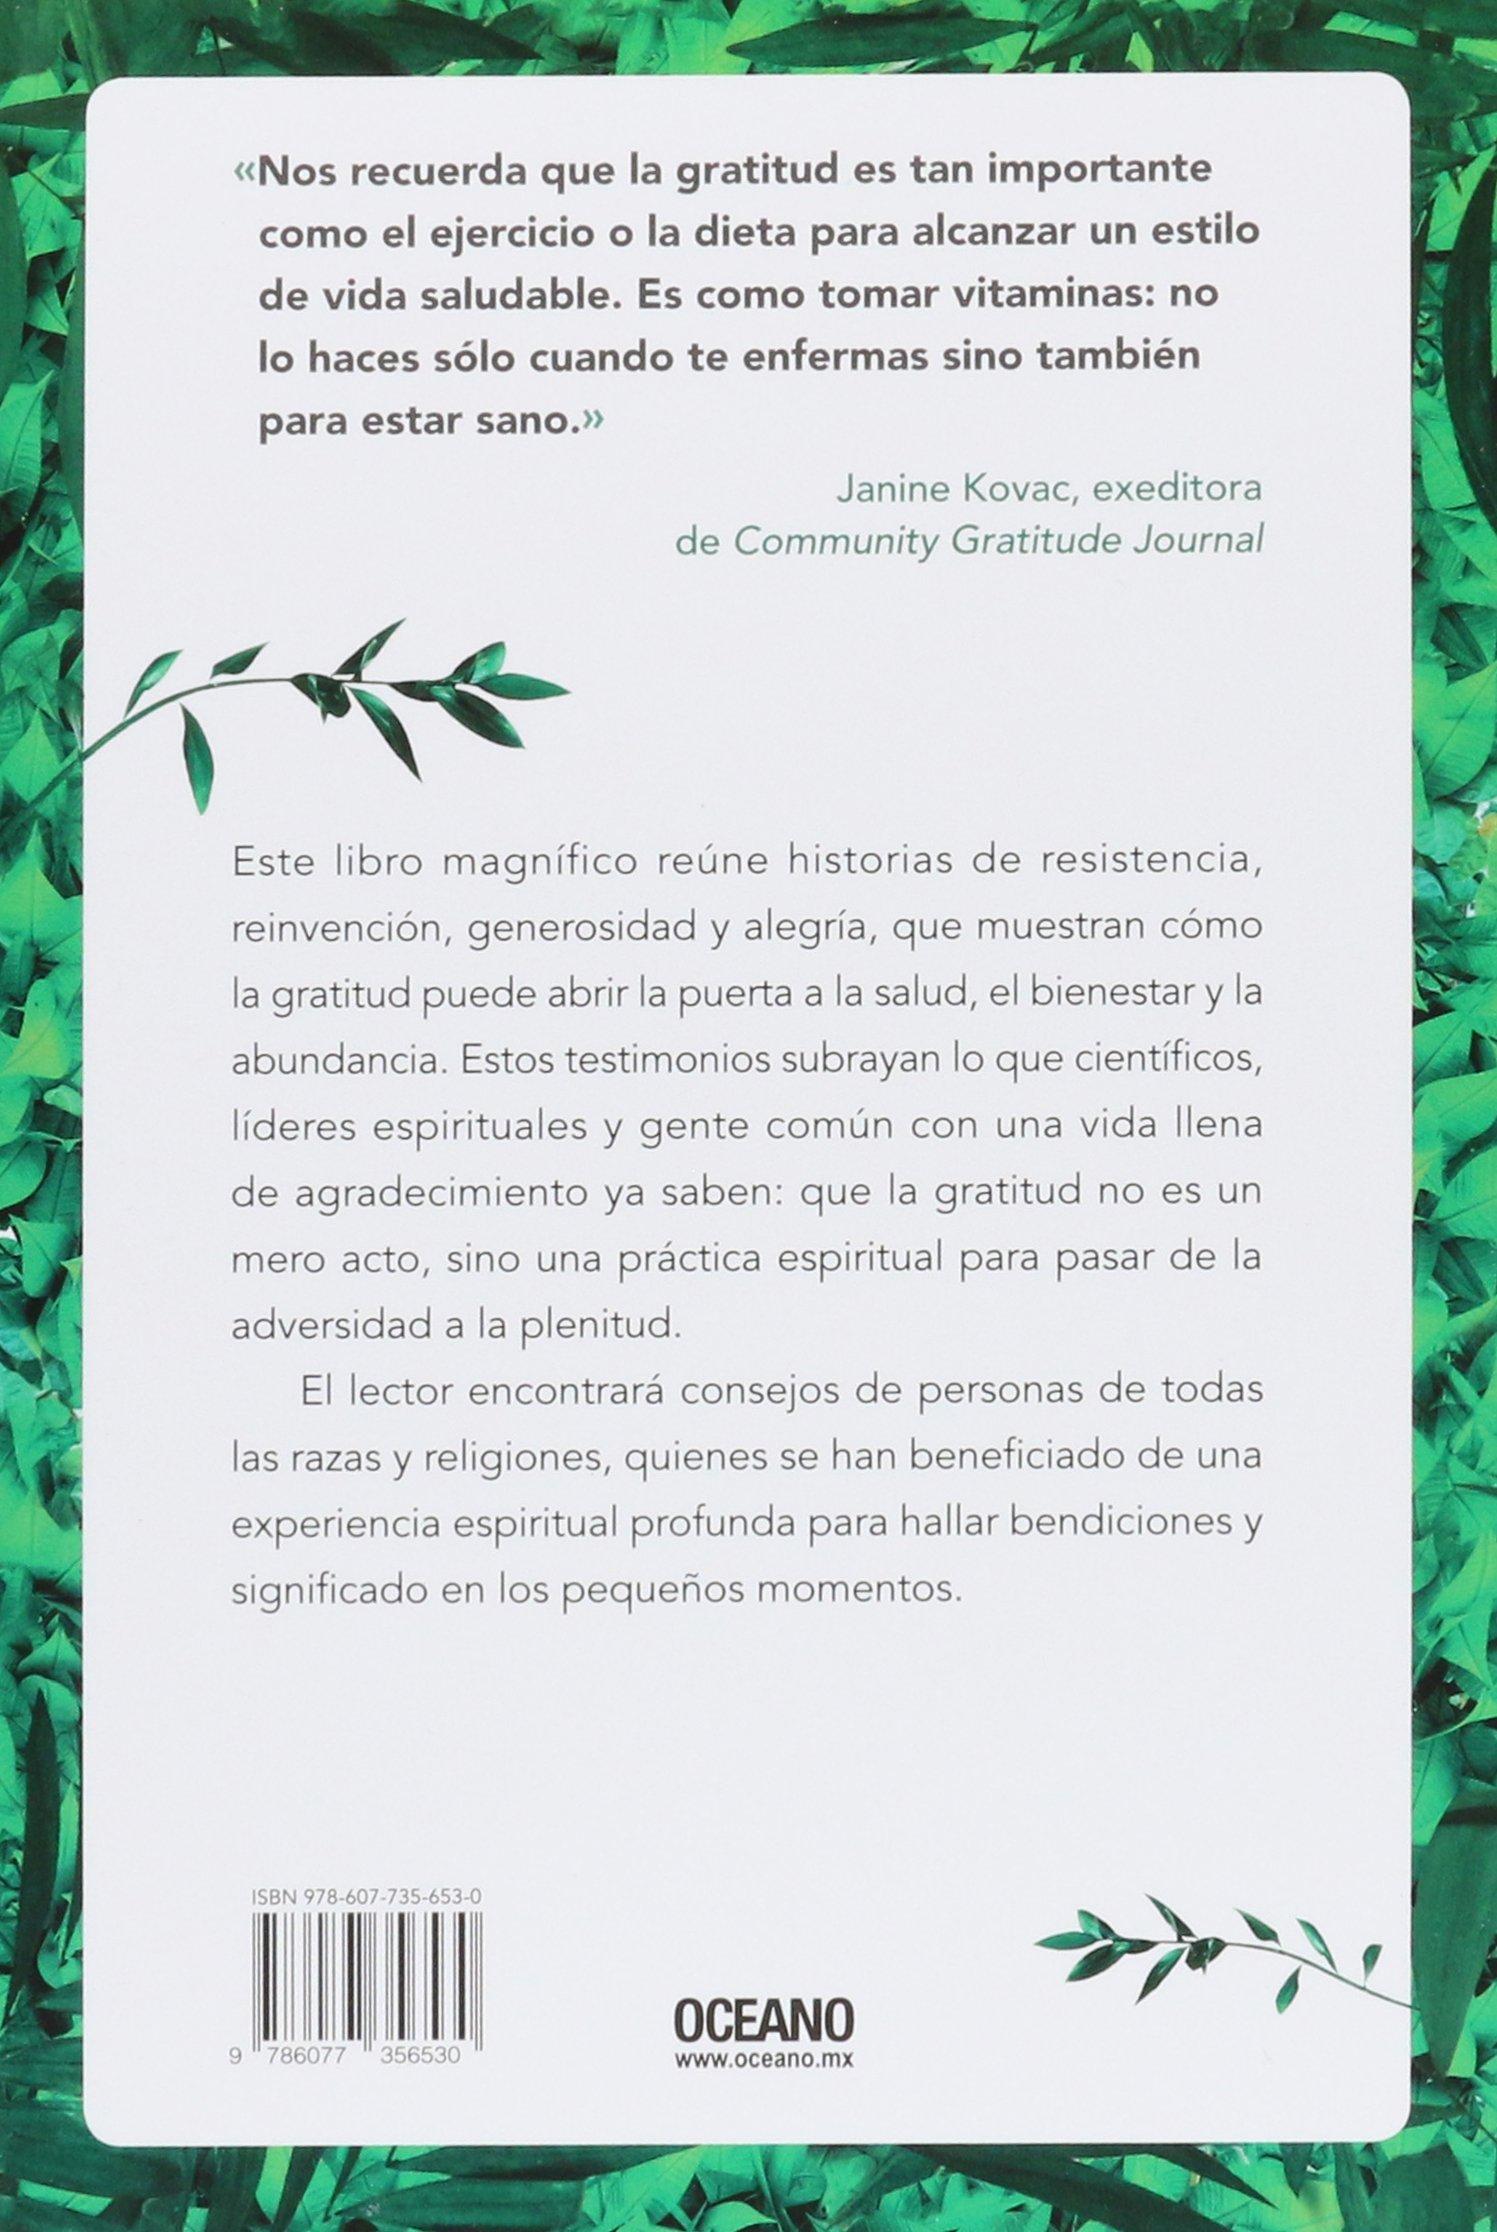 ¡Gracias! Cómo ser feliz y estar en paz con la vida (Spanish Edition): Nina Lesowitz, Mary Beth Sammons: 9786077356530: Amazon.com: Books